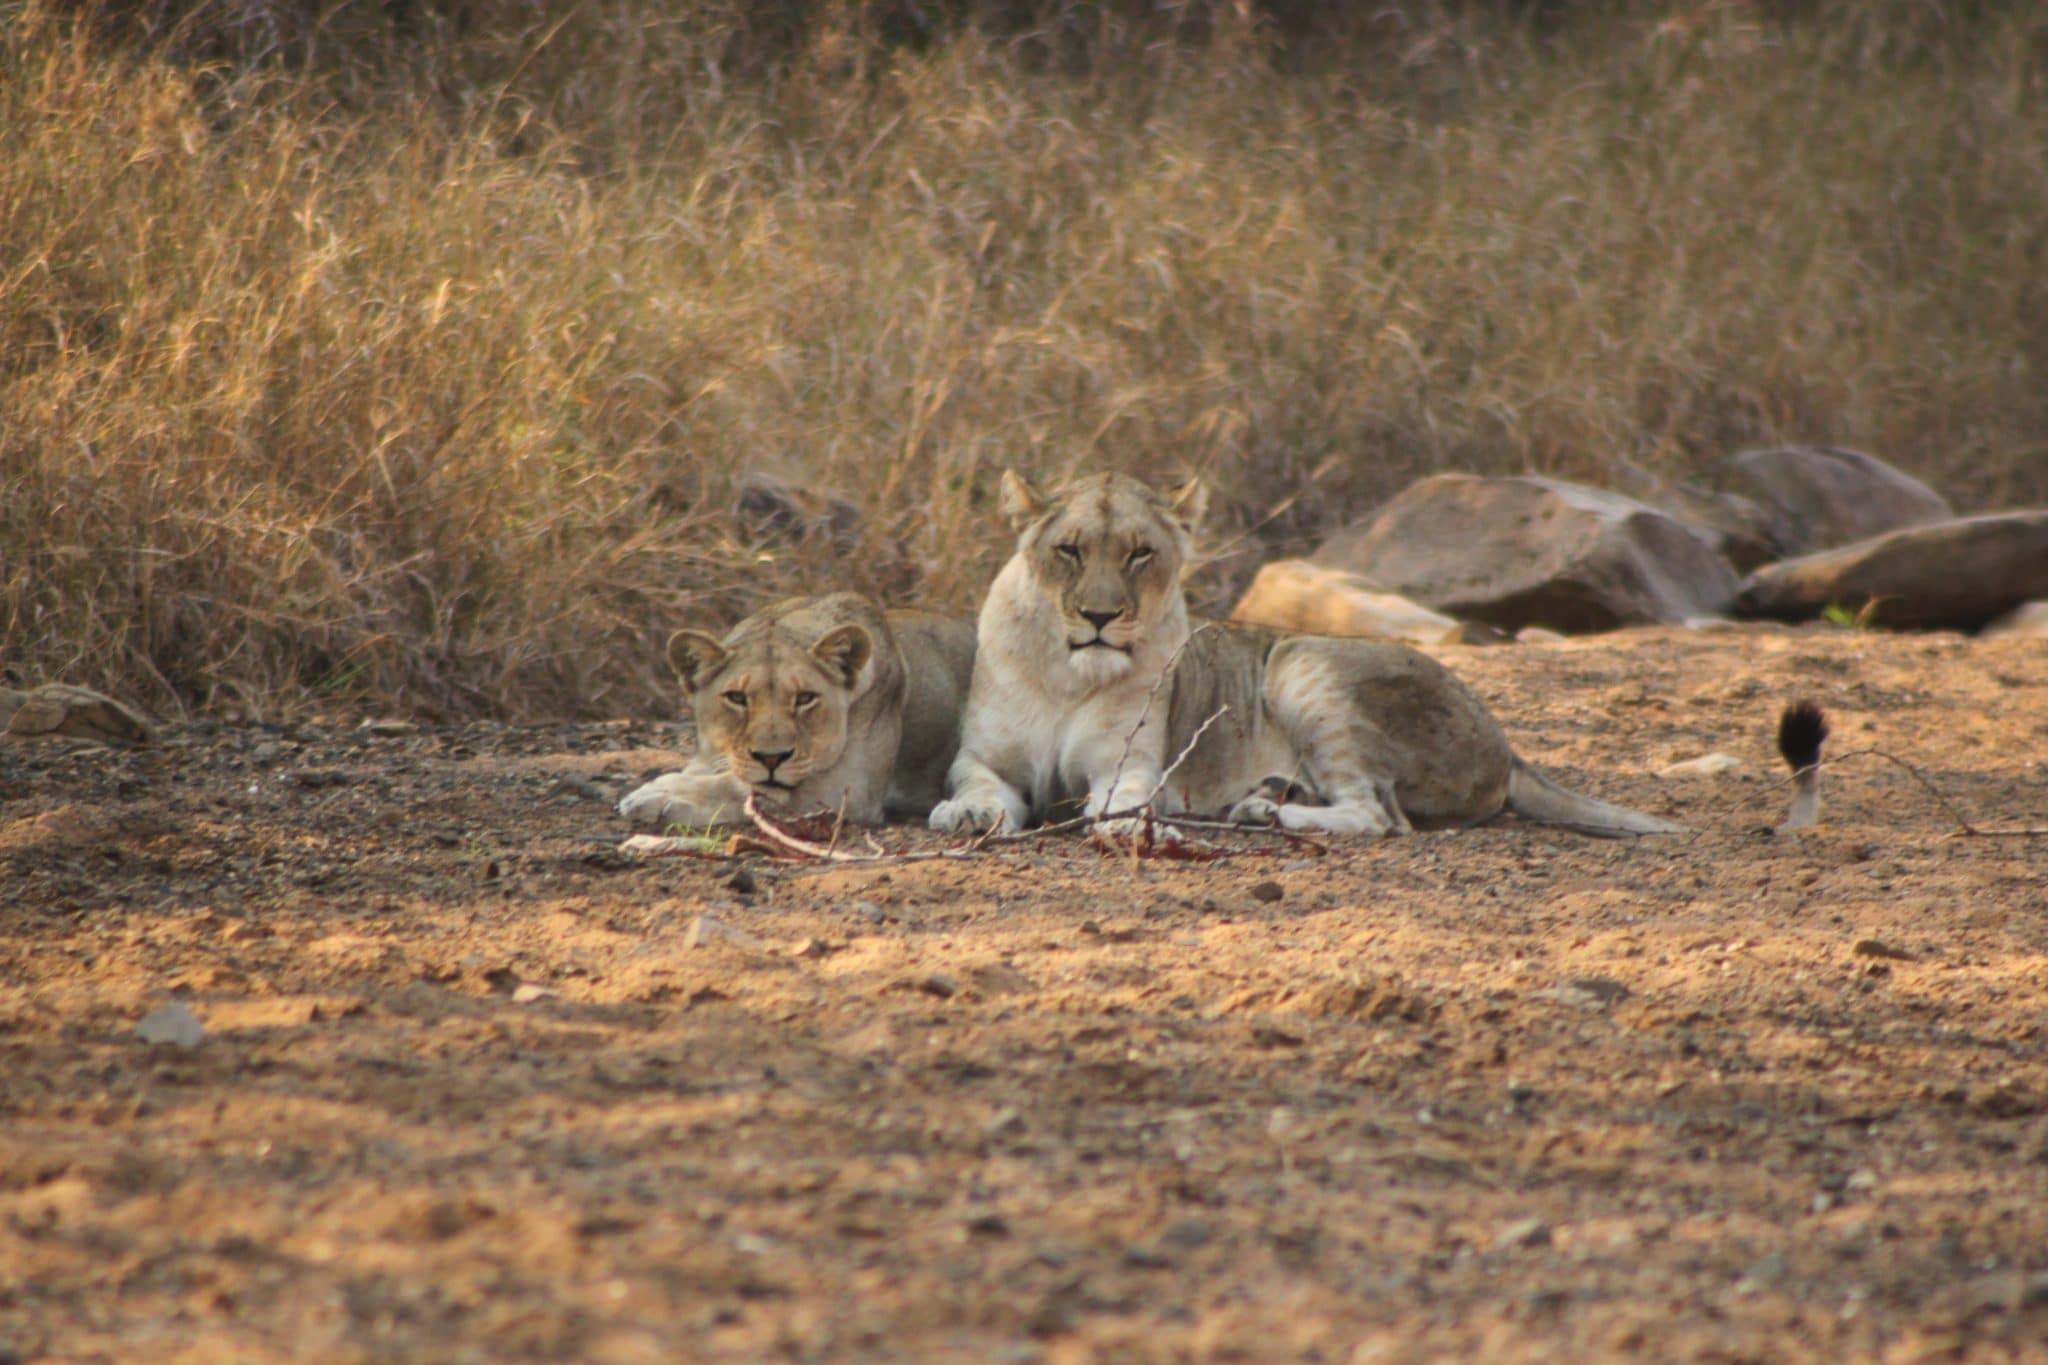 hluhluwe safaris